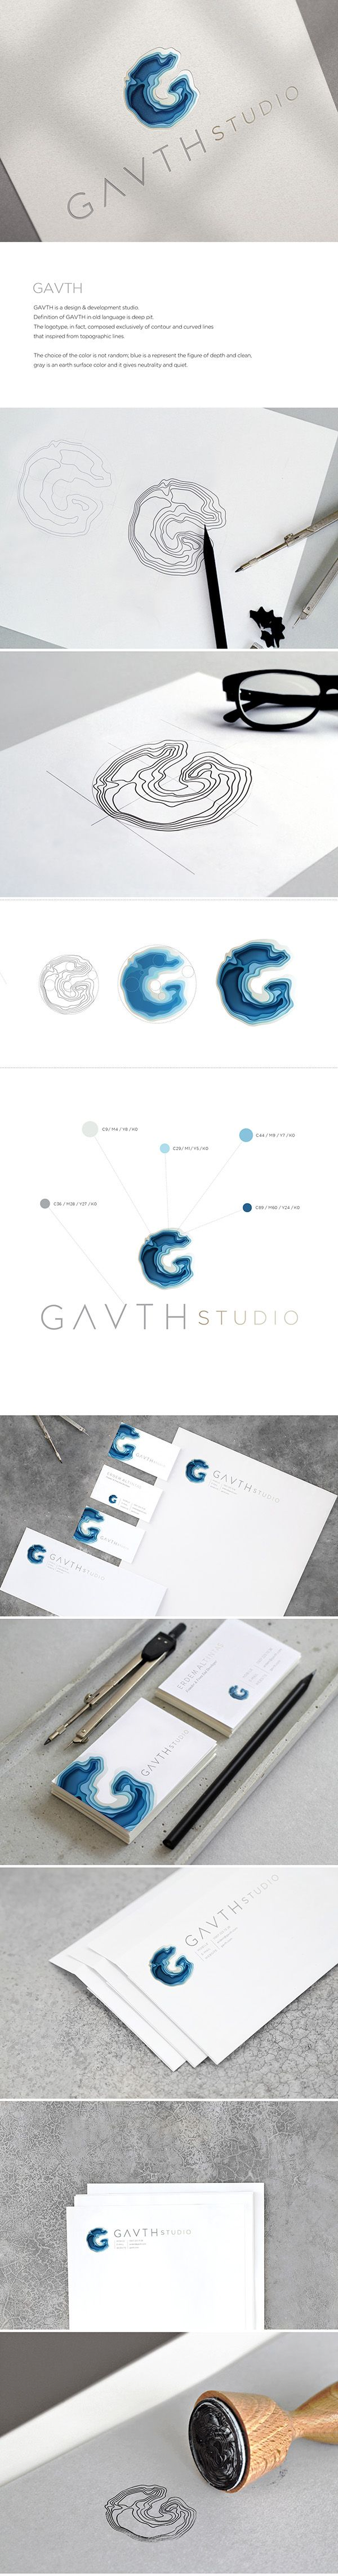 Gavth Studio Logo & Visual Identity on Behance